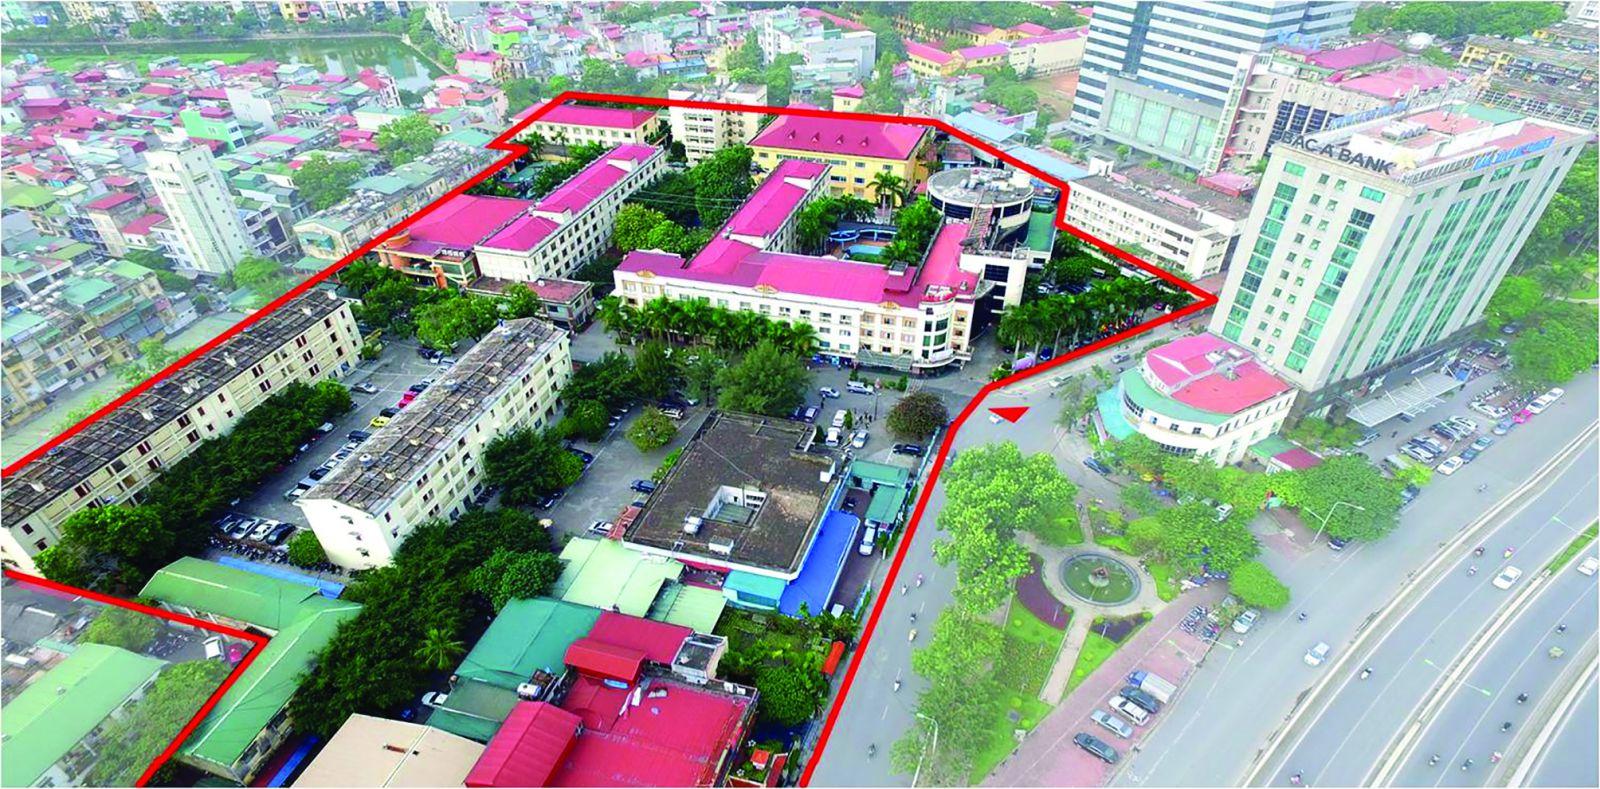 p/Đất vàng khách sạn Kim Liên - số 5 - 7 Đào Duy Anh - Hà Nội